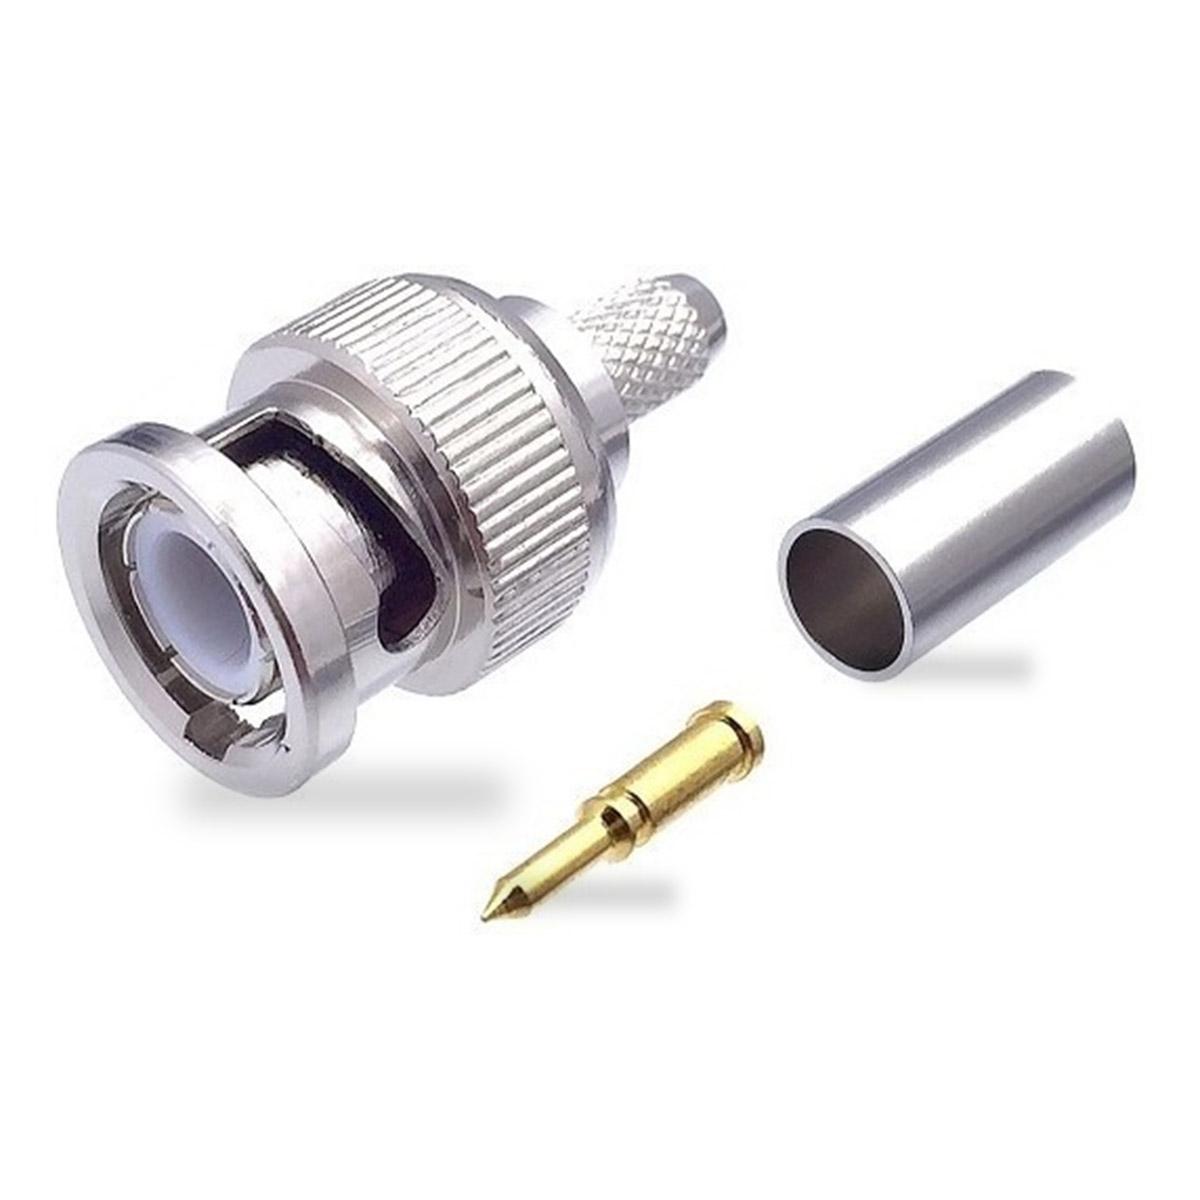 Conector BNC Macho para cable coaxial RG58 BNC